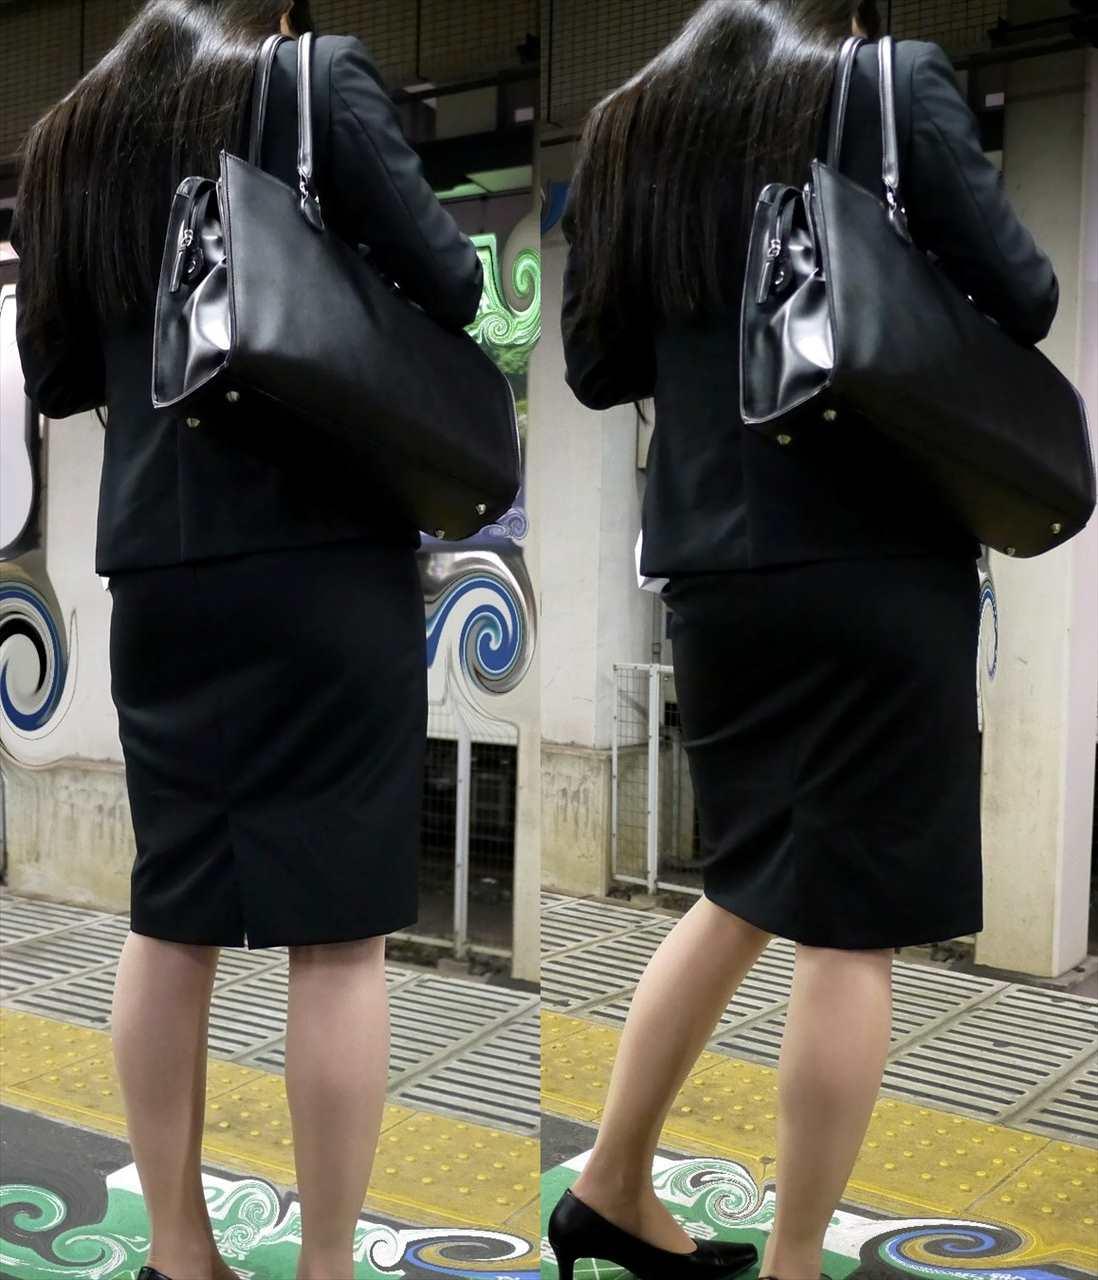 スカート女子の街撮り素人エロ画像-040